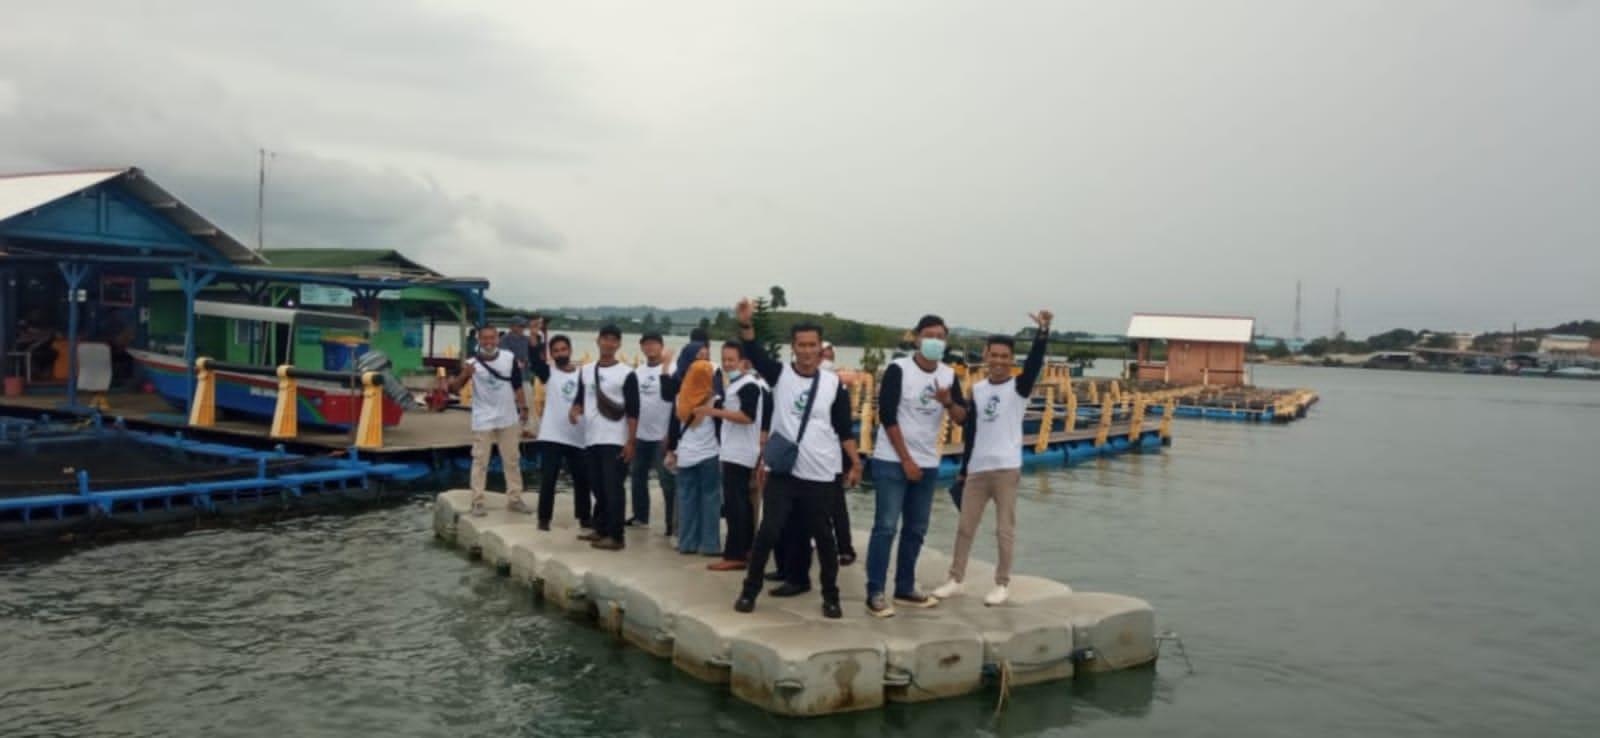 Peninjauan Lapangan Terkait Budidaya Perikanan Di BPBL Batam